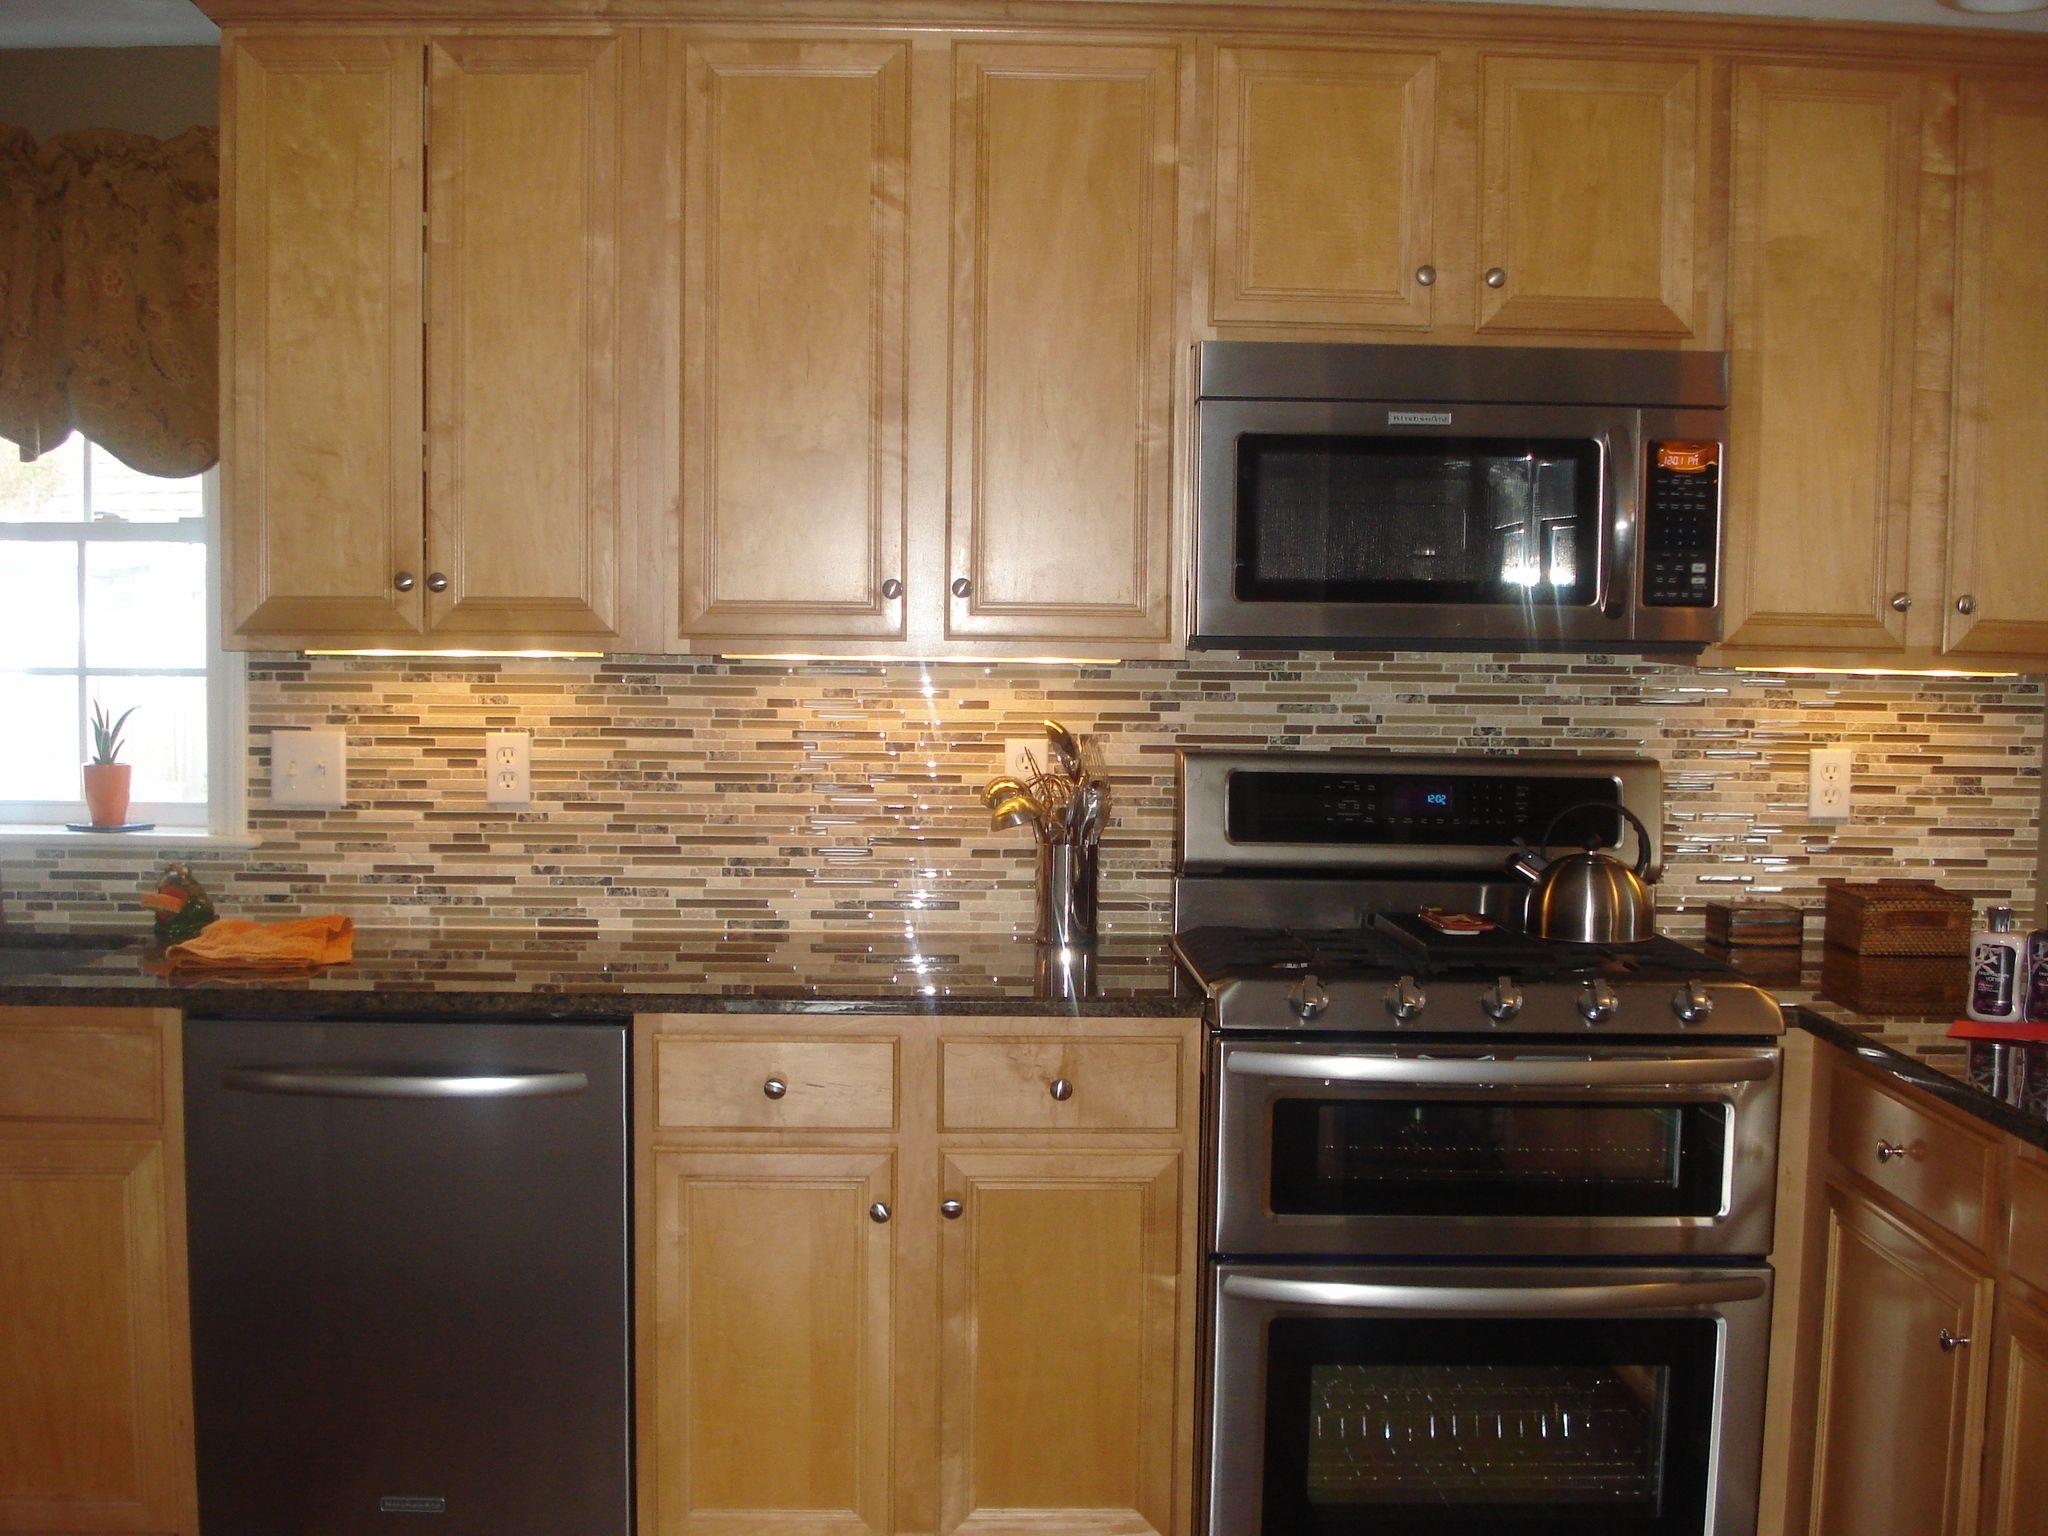 Decoration Appliances Kitchen Idea Ideas Captivating Wood